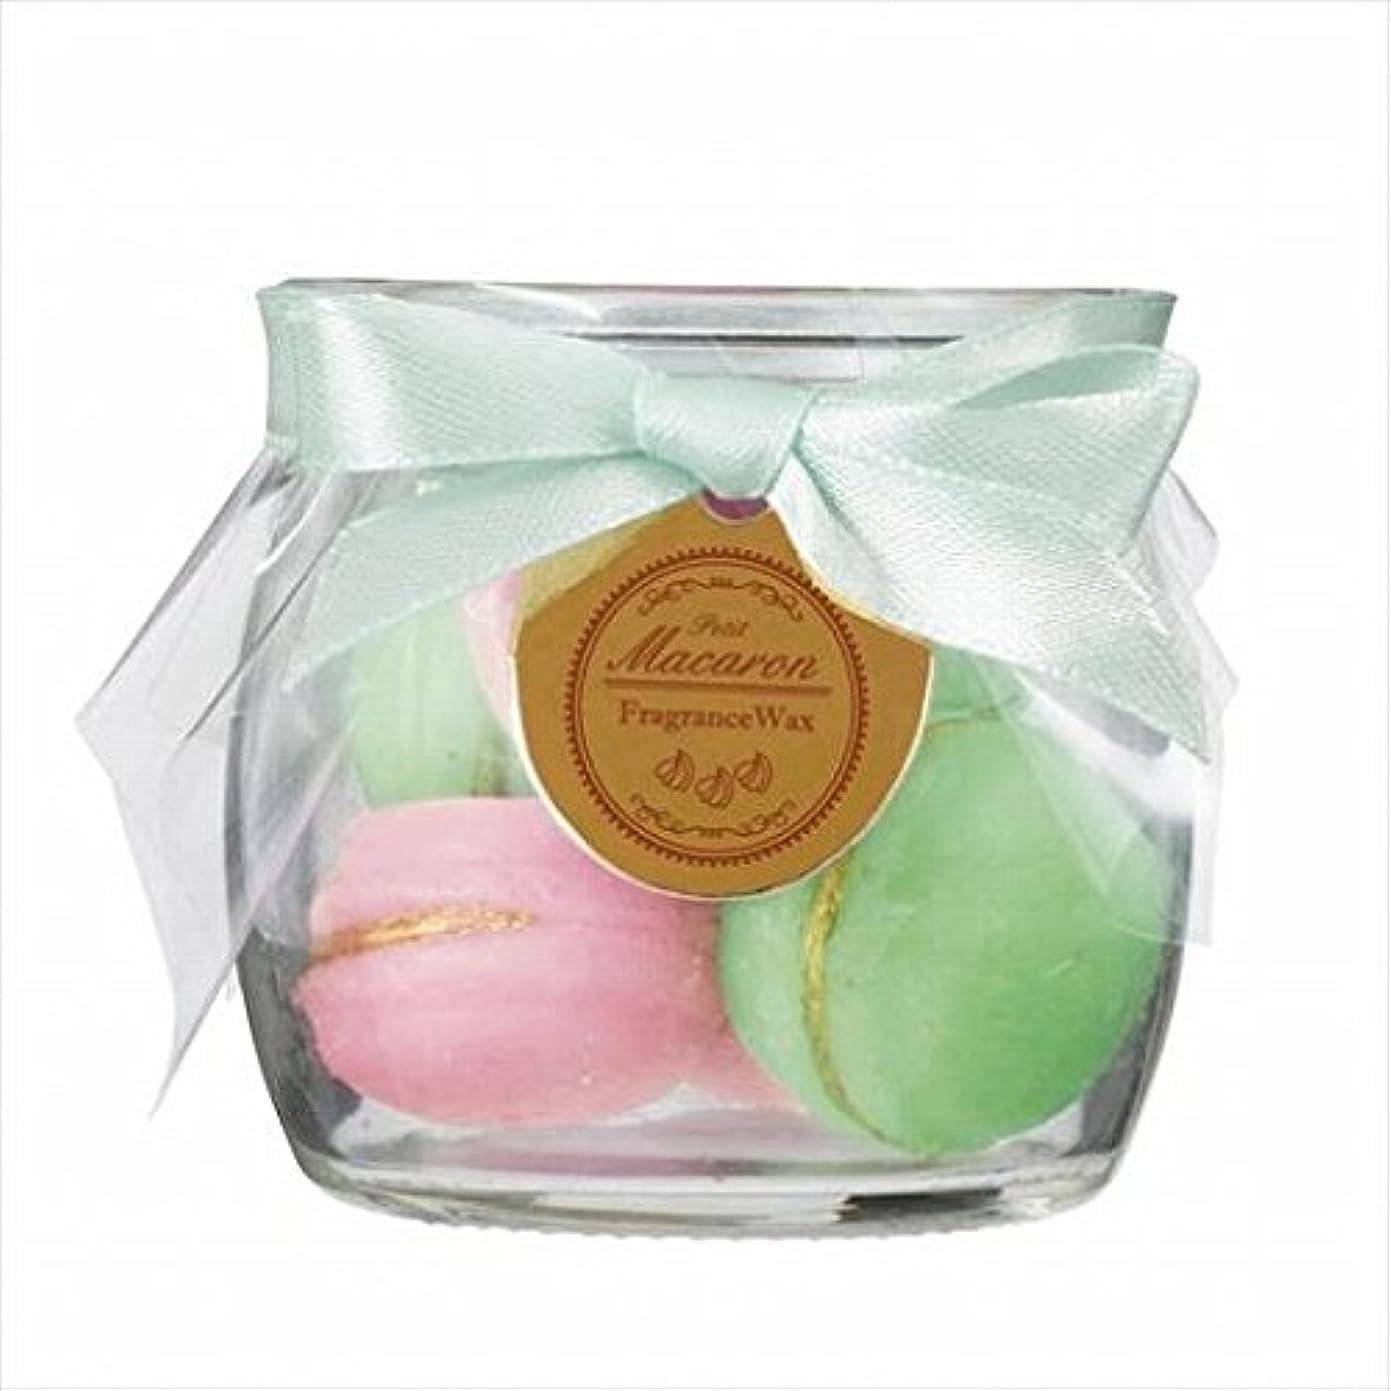 こねる抱擁急降下sweets candle(スイーツキャンドル) プチマカロンフレグランス 「 レモン 」 キャンドル 60x60x56mm (A3160530)